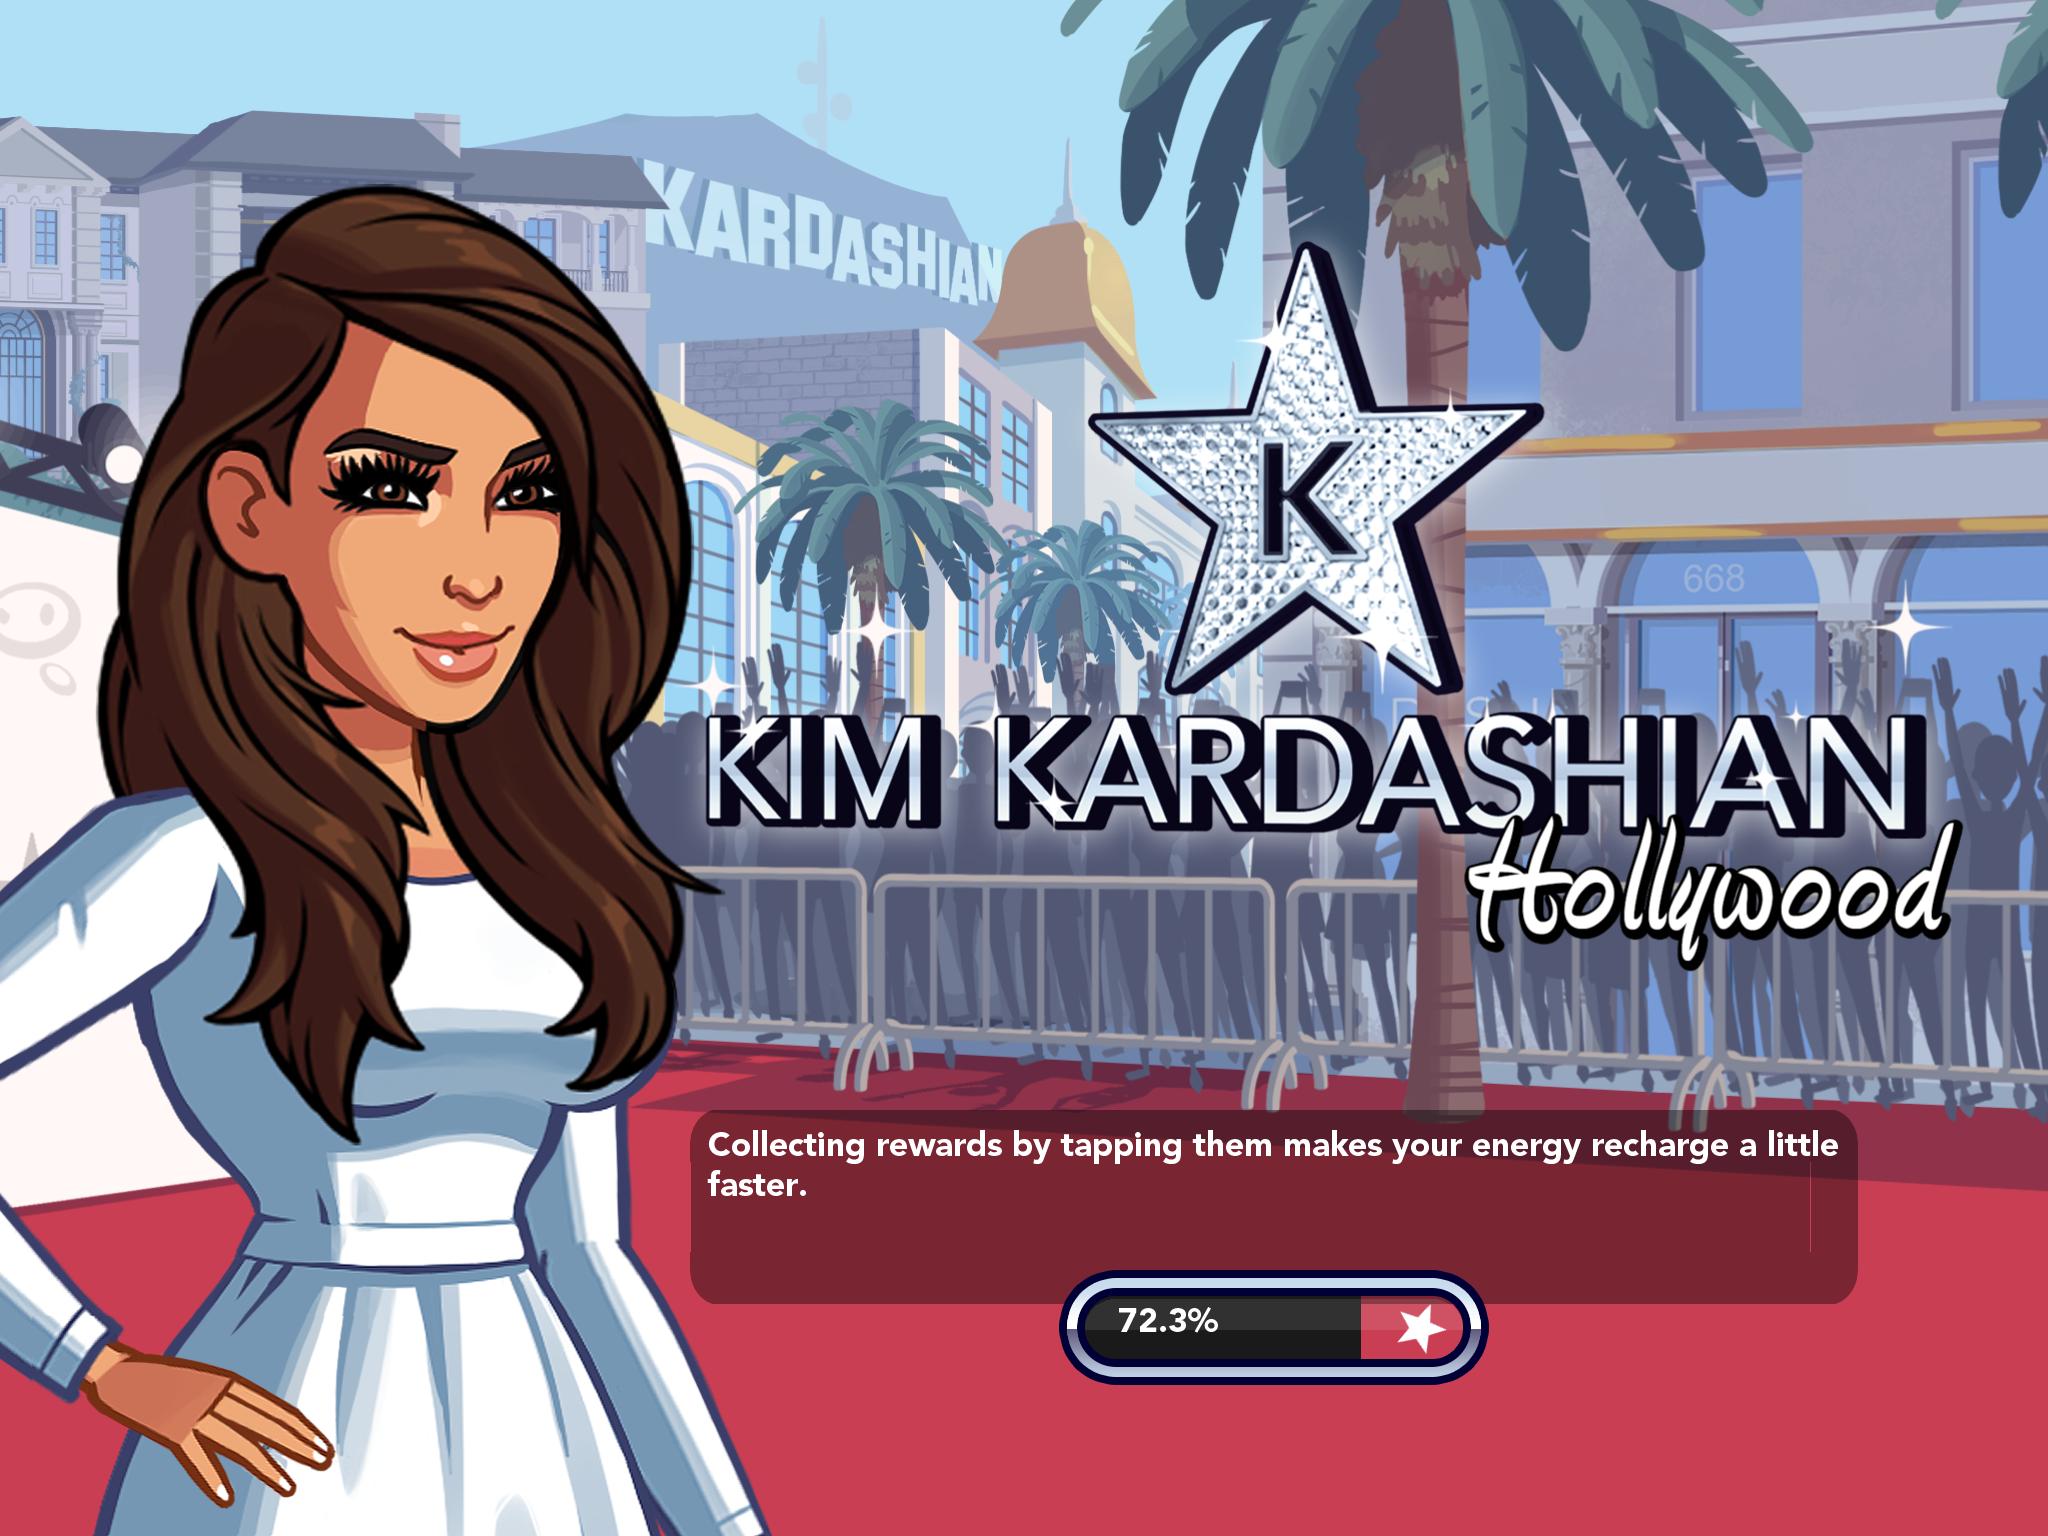 Kardashian screenshot